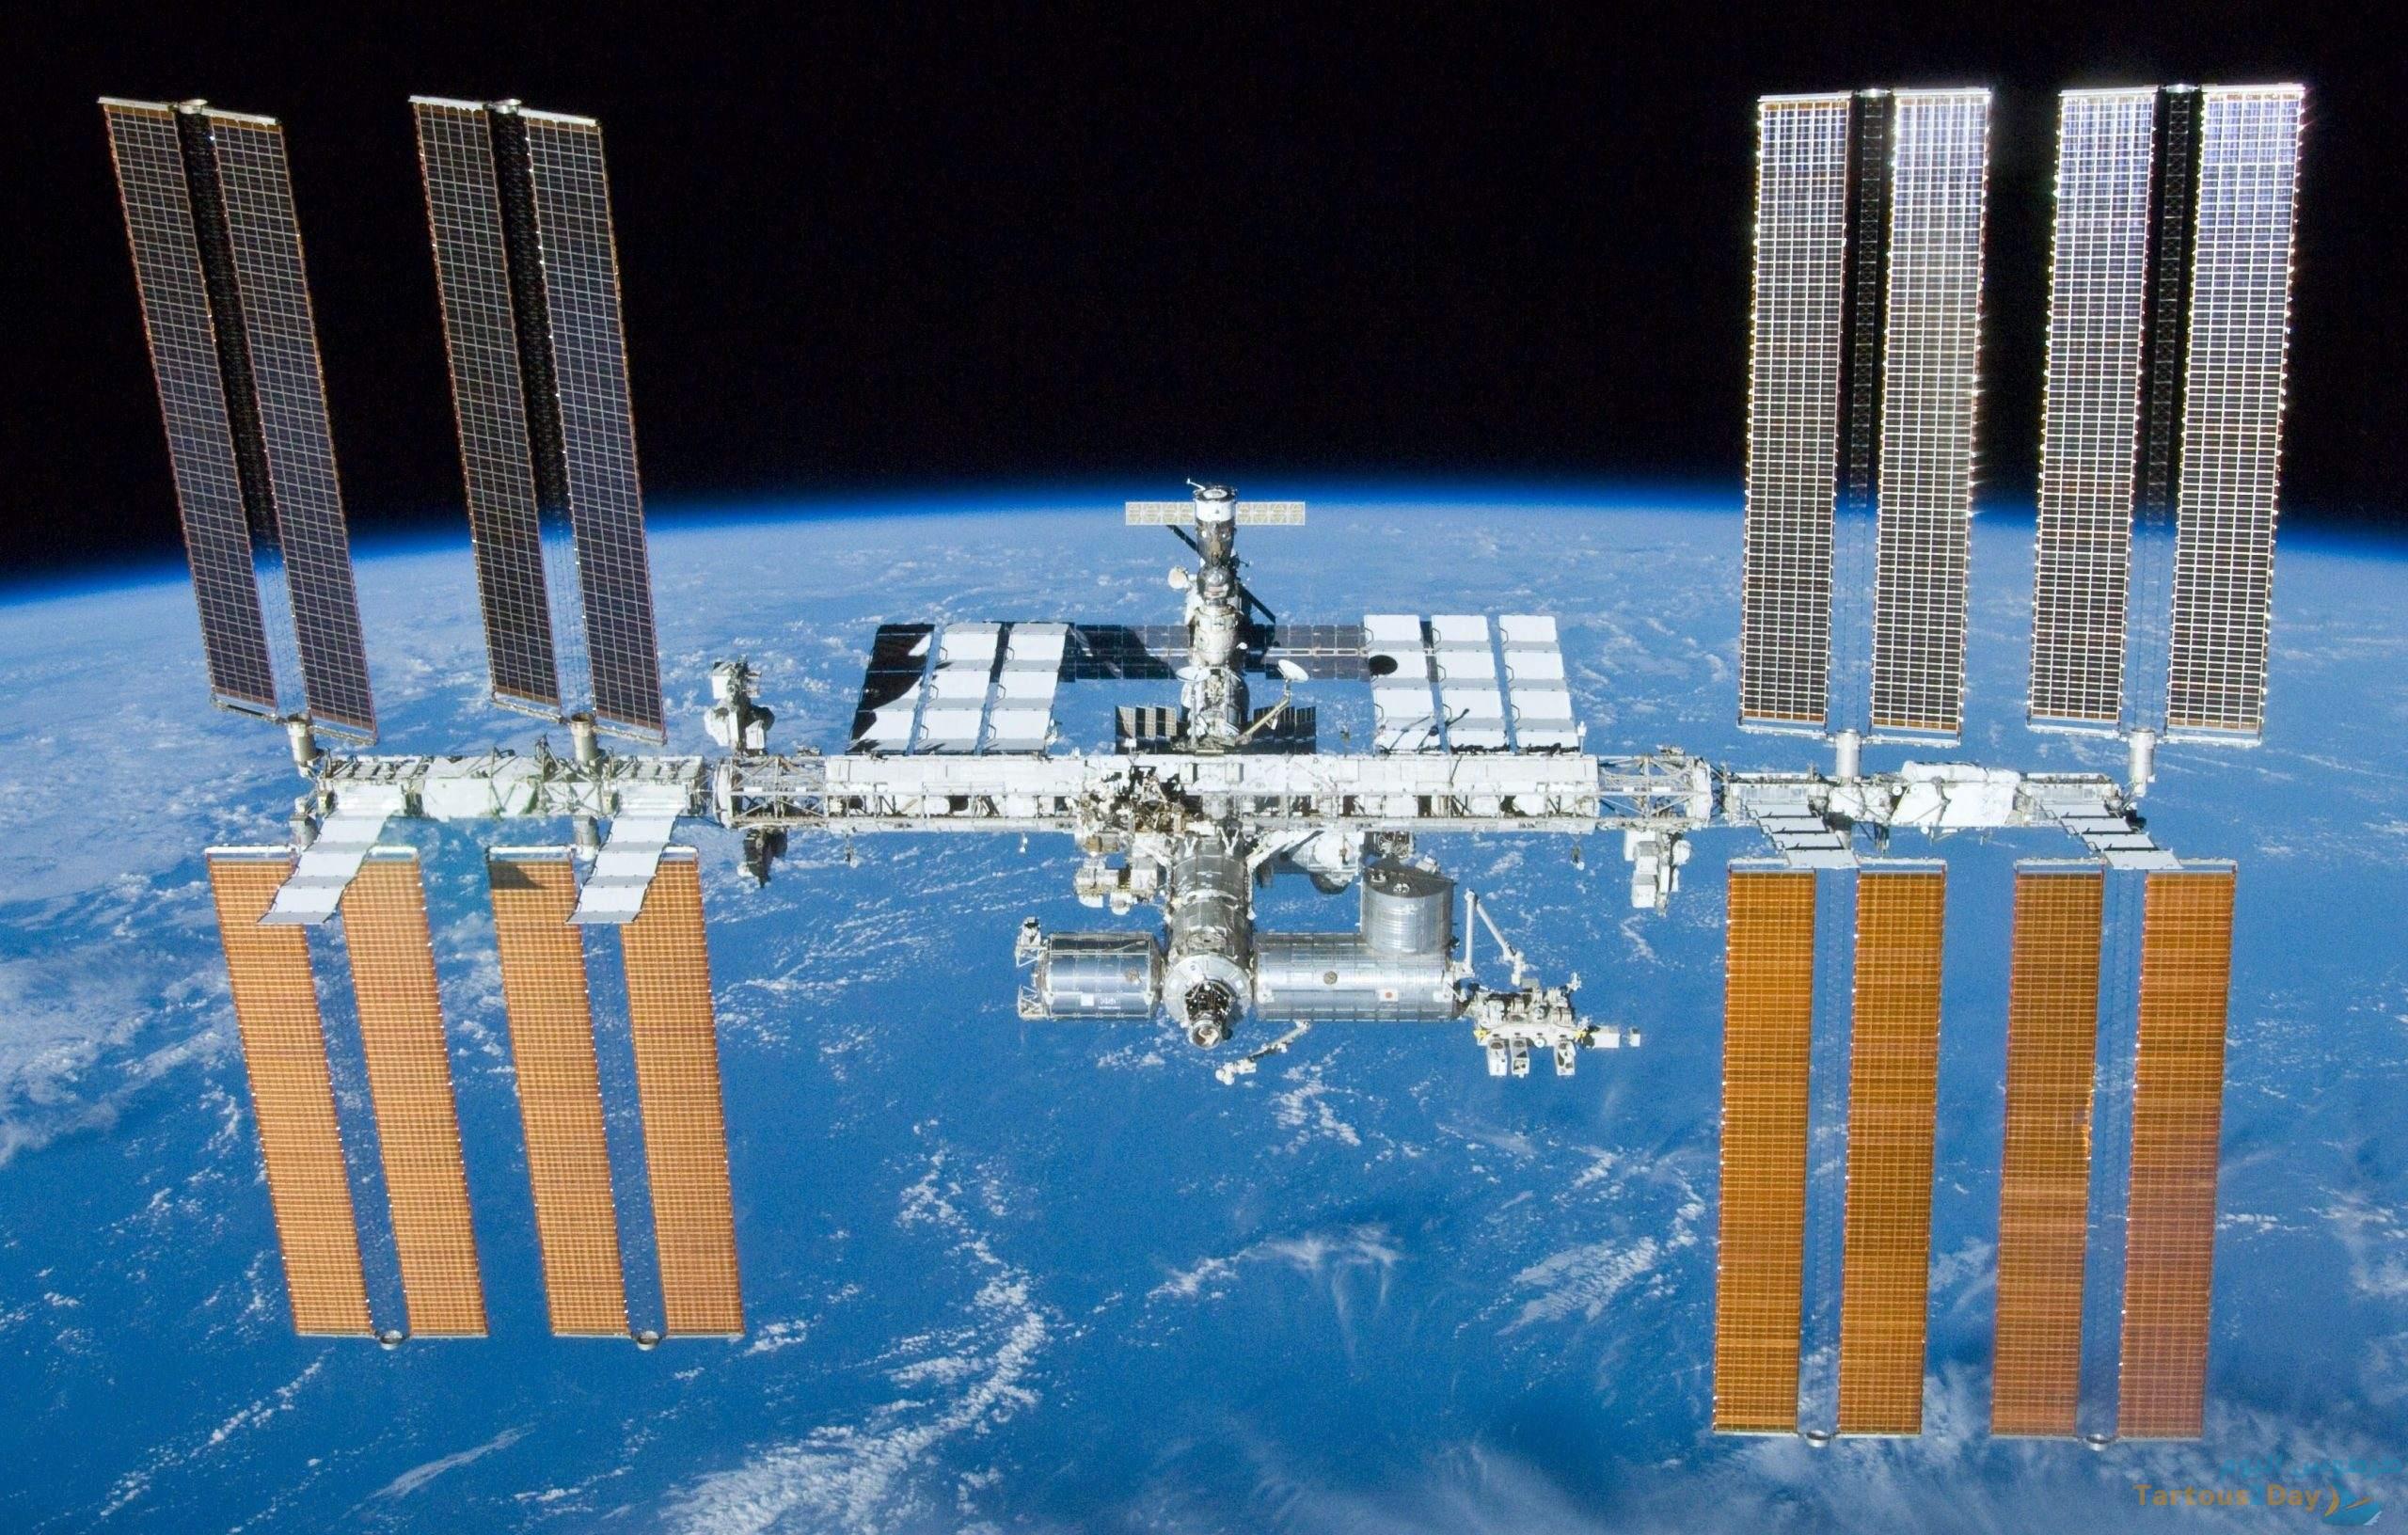 اكتشاف سلالات بكتيريا غير معروفة على متن محطة الفضاء الدولية .